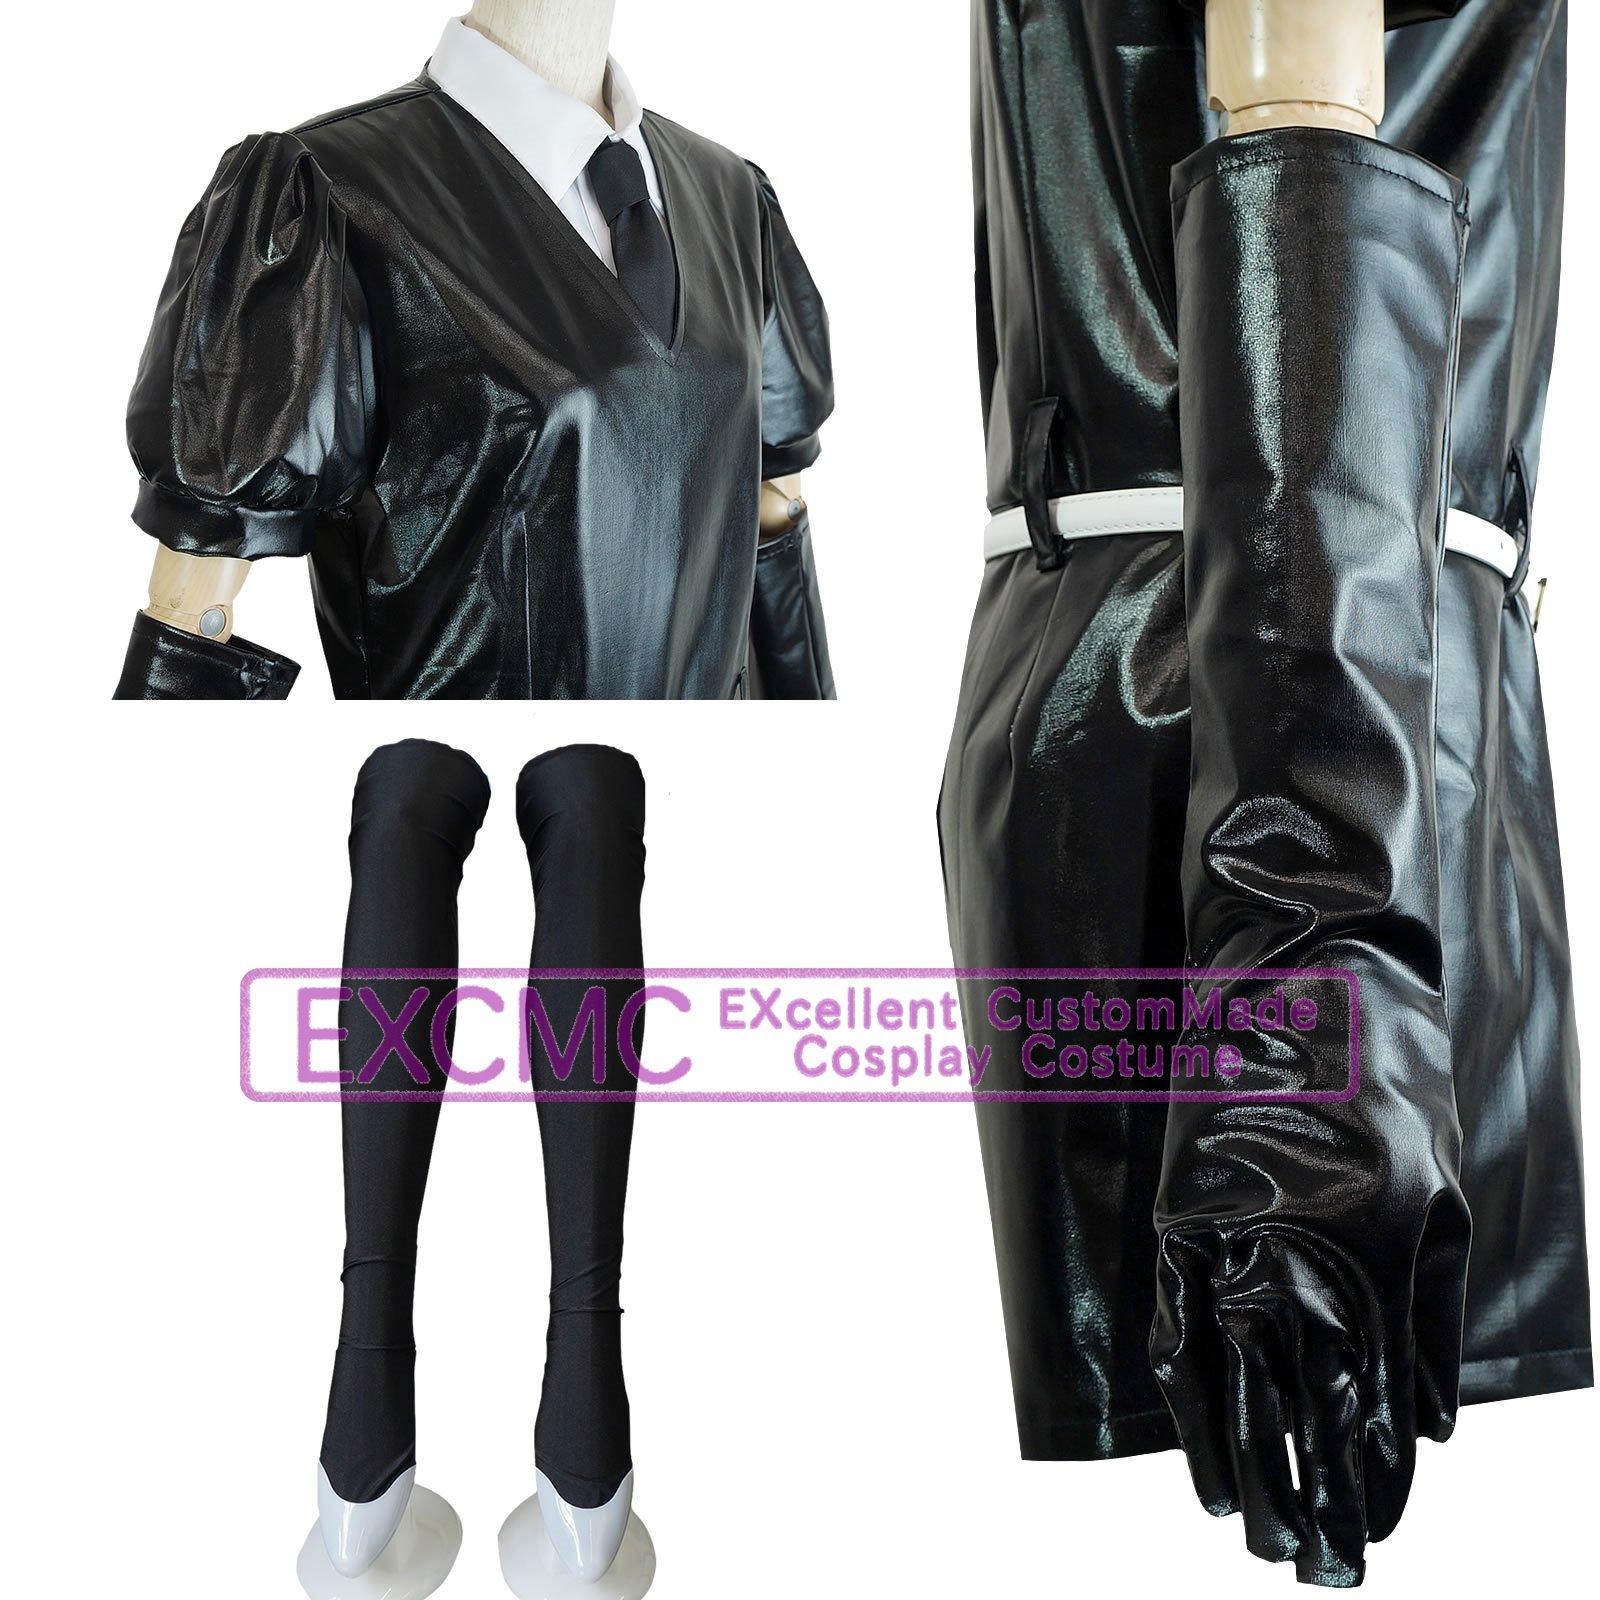 宝石の国 ボルツ 風 コスプレ衣装3